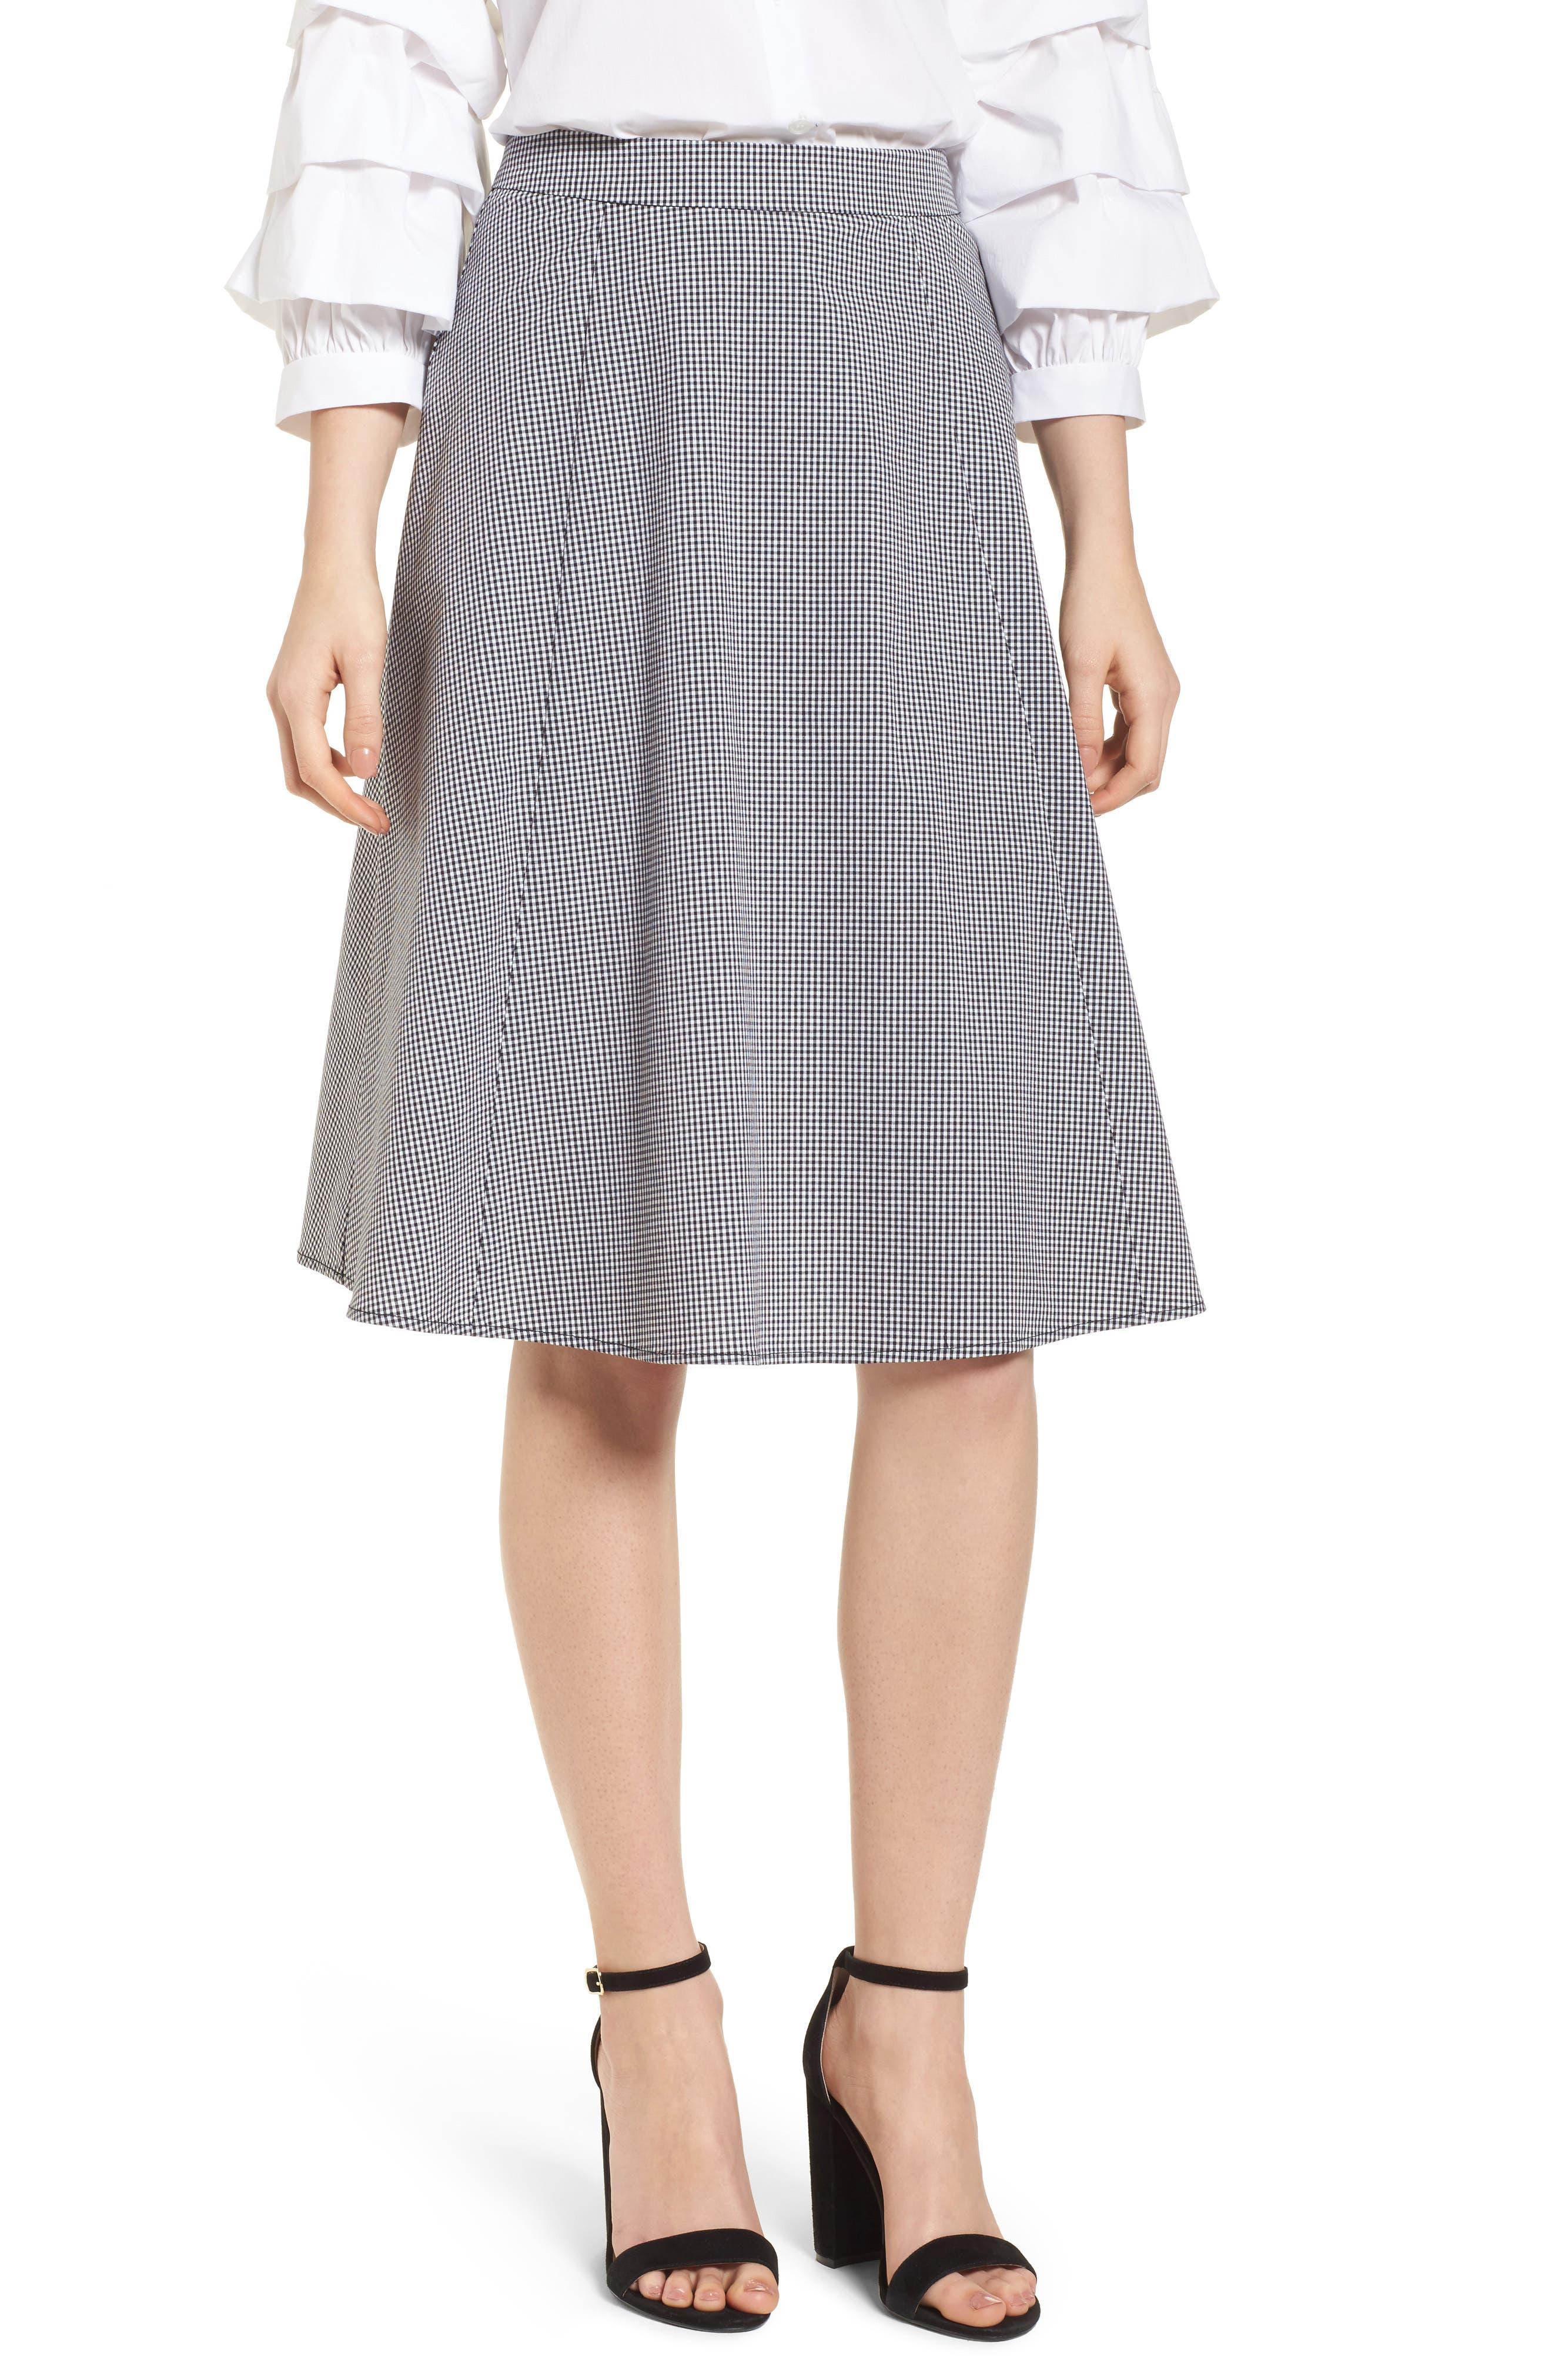 Socialite Gingham A-Line Skirt